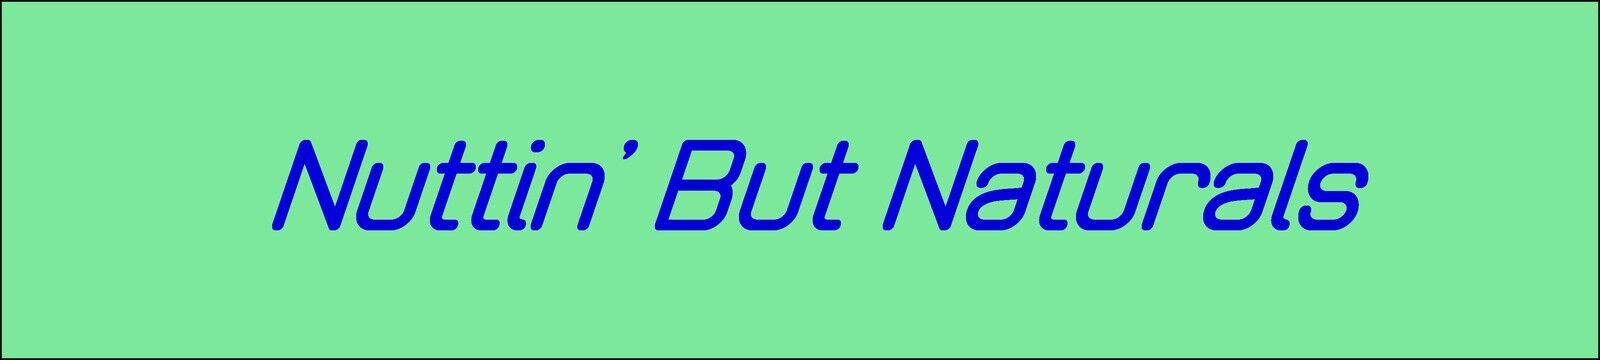 Nuttin But Naturals